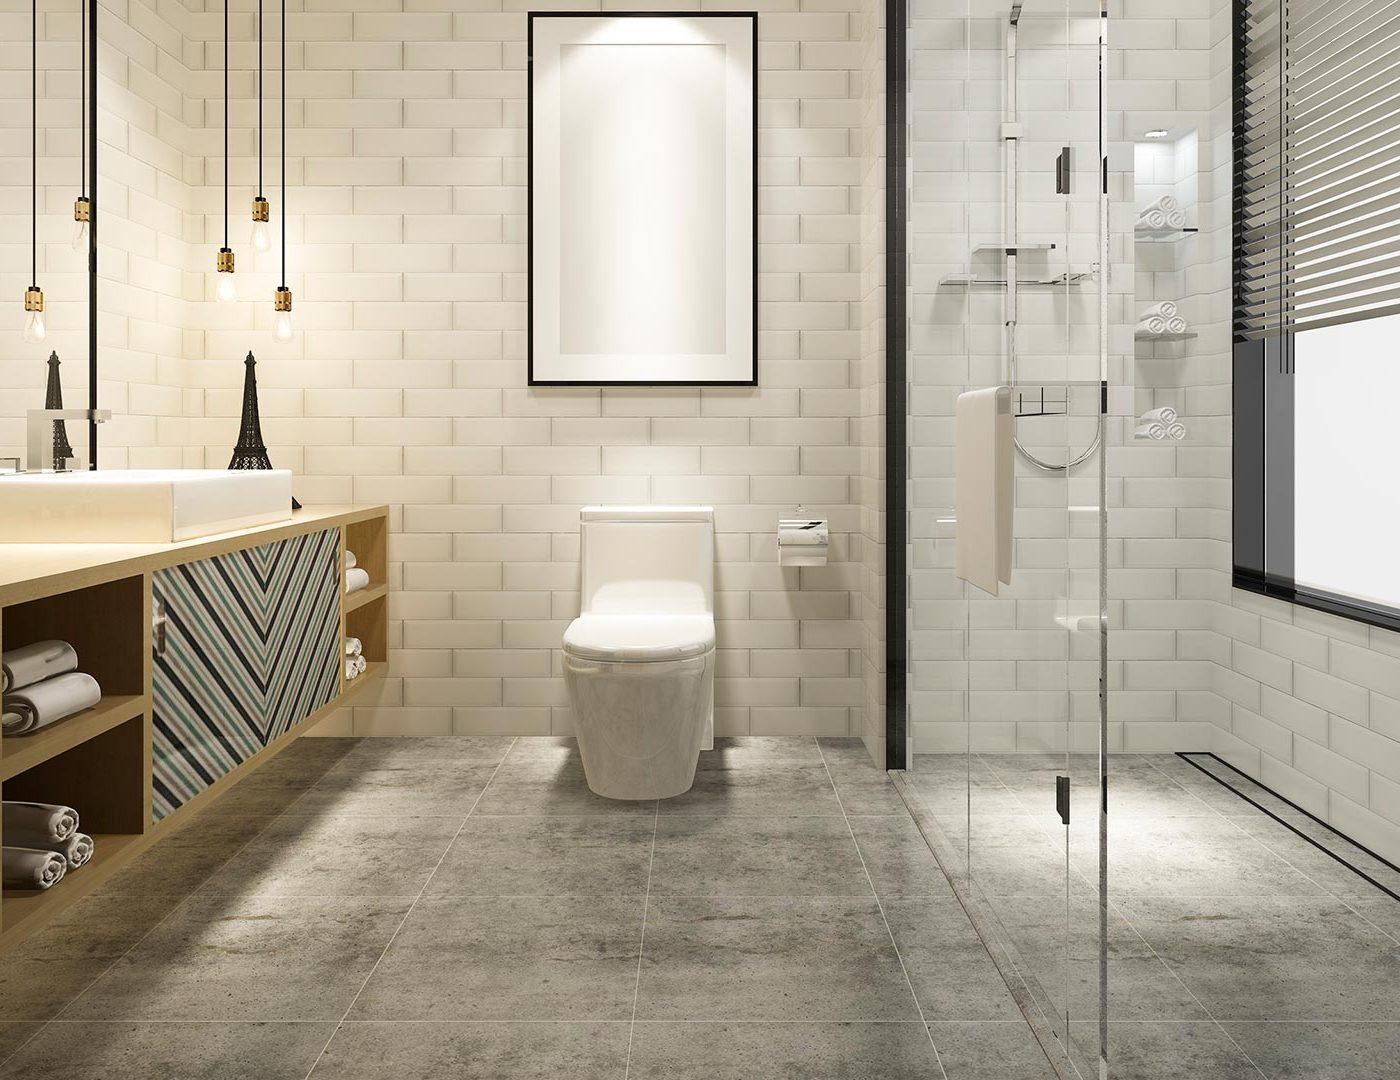 3d-rendering-luxury-modern-bathroom